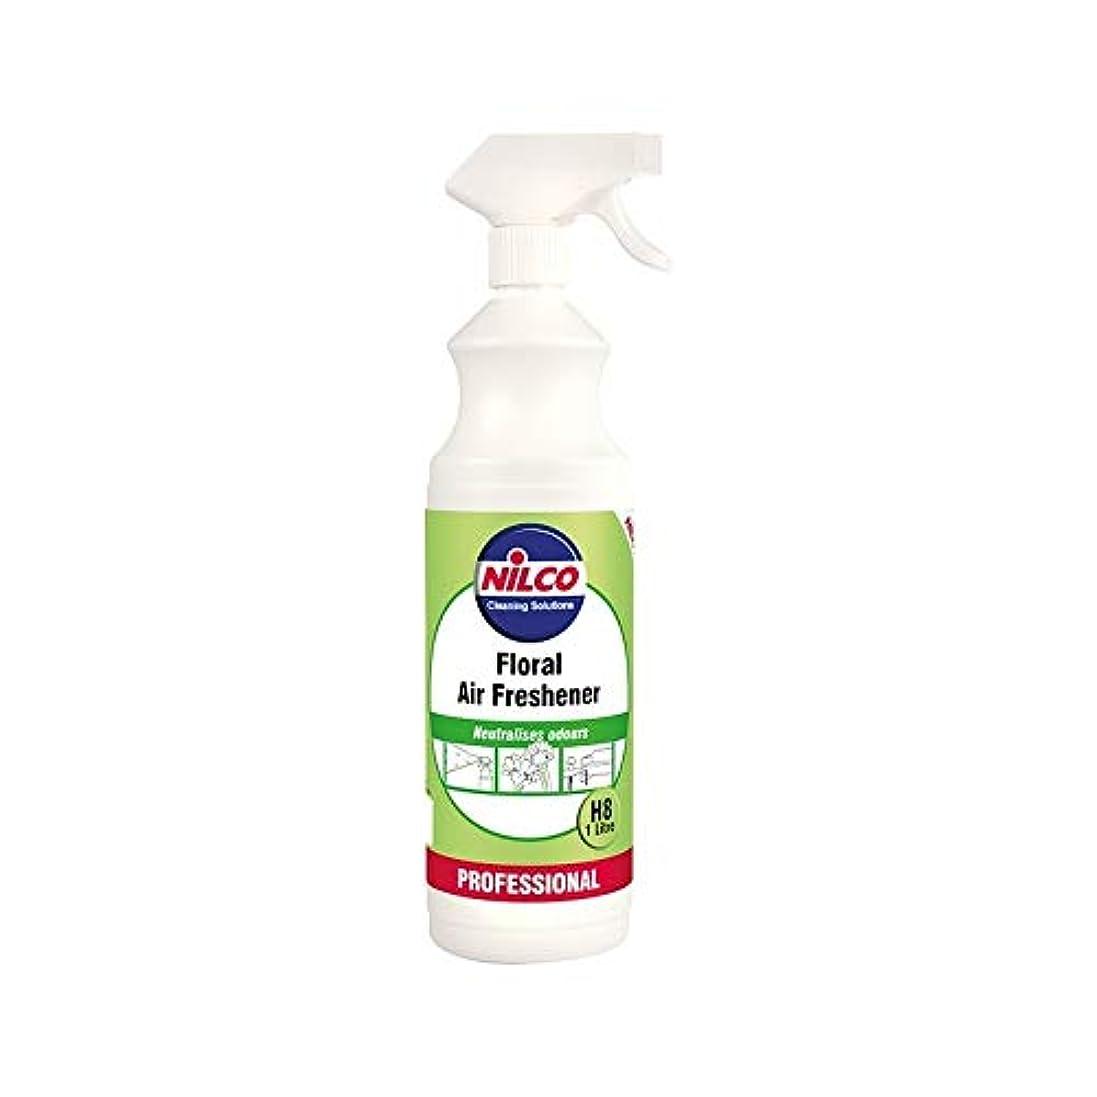 公園哀れな脇に[Nilco] Nilcoプロの花のエアフレッシュナーH8の1リットル - Nilco Professional Floral Air Freshener H8 1L [並行輸入品]